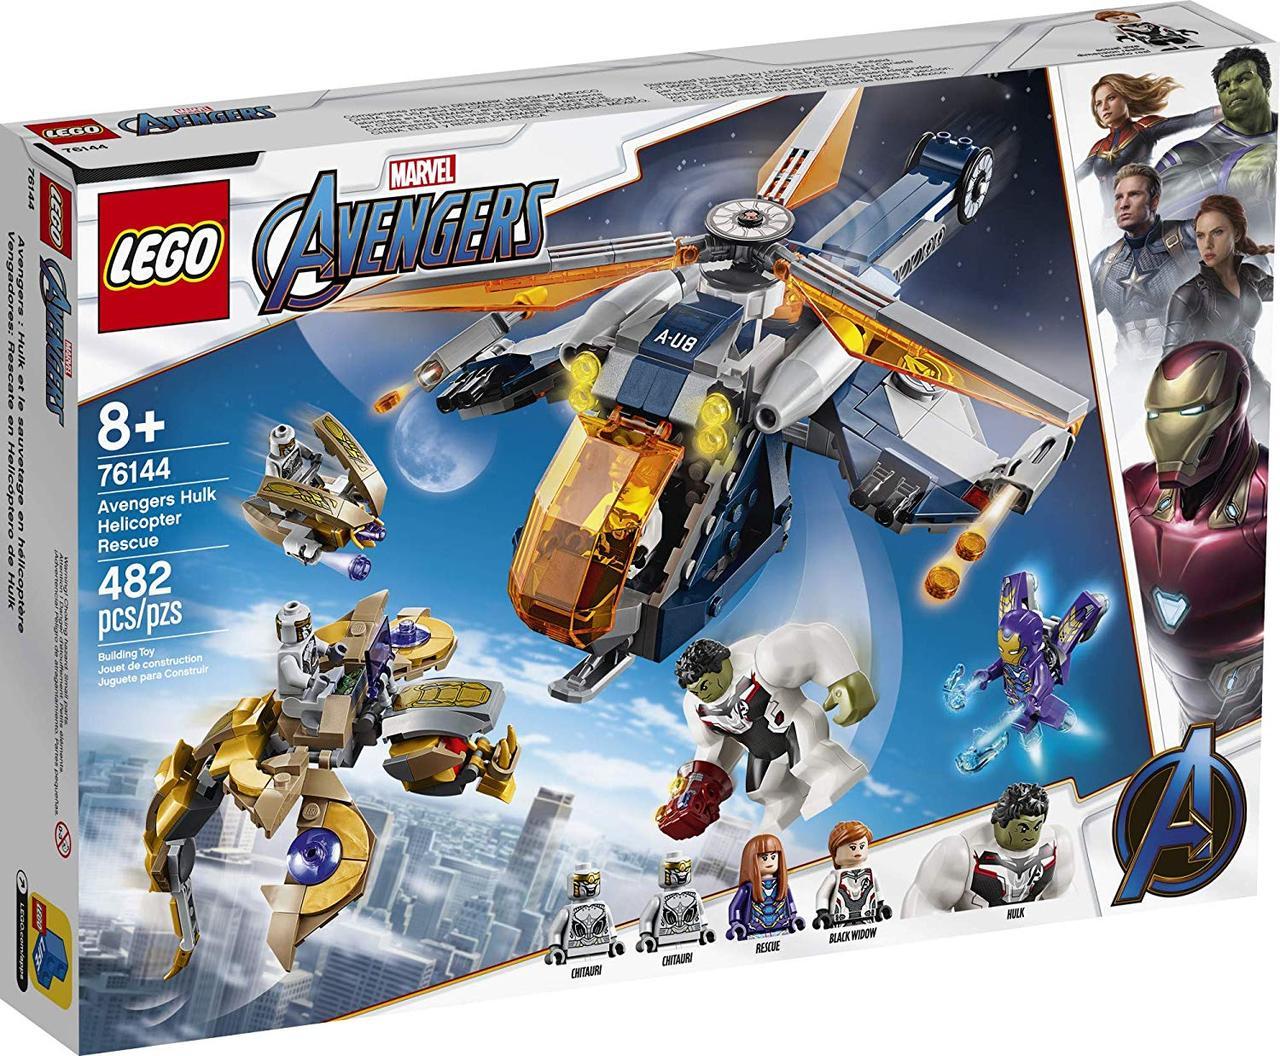 Lego Super Heroes Мстители Спасение Халка на вертолёте (76144)